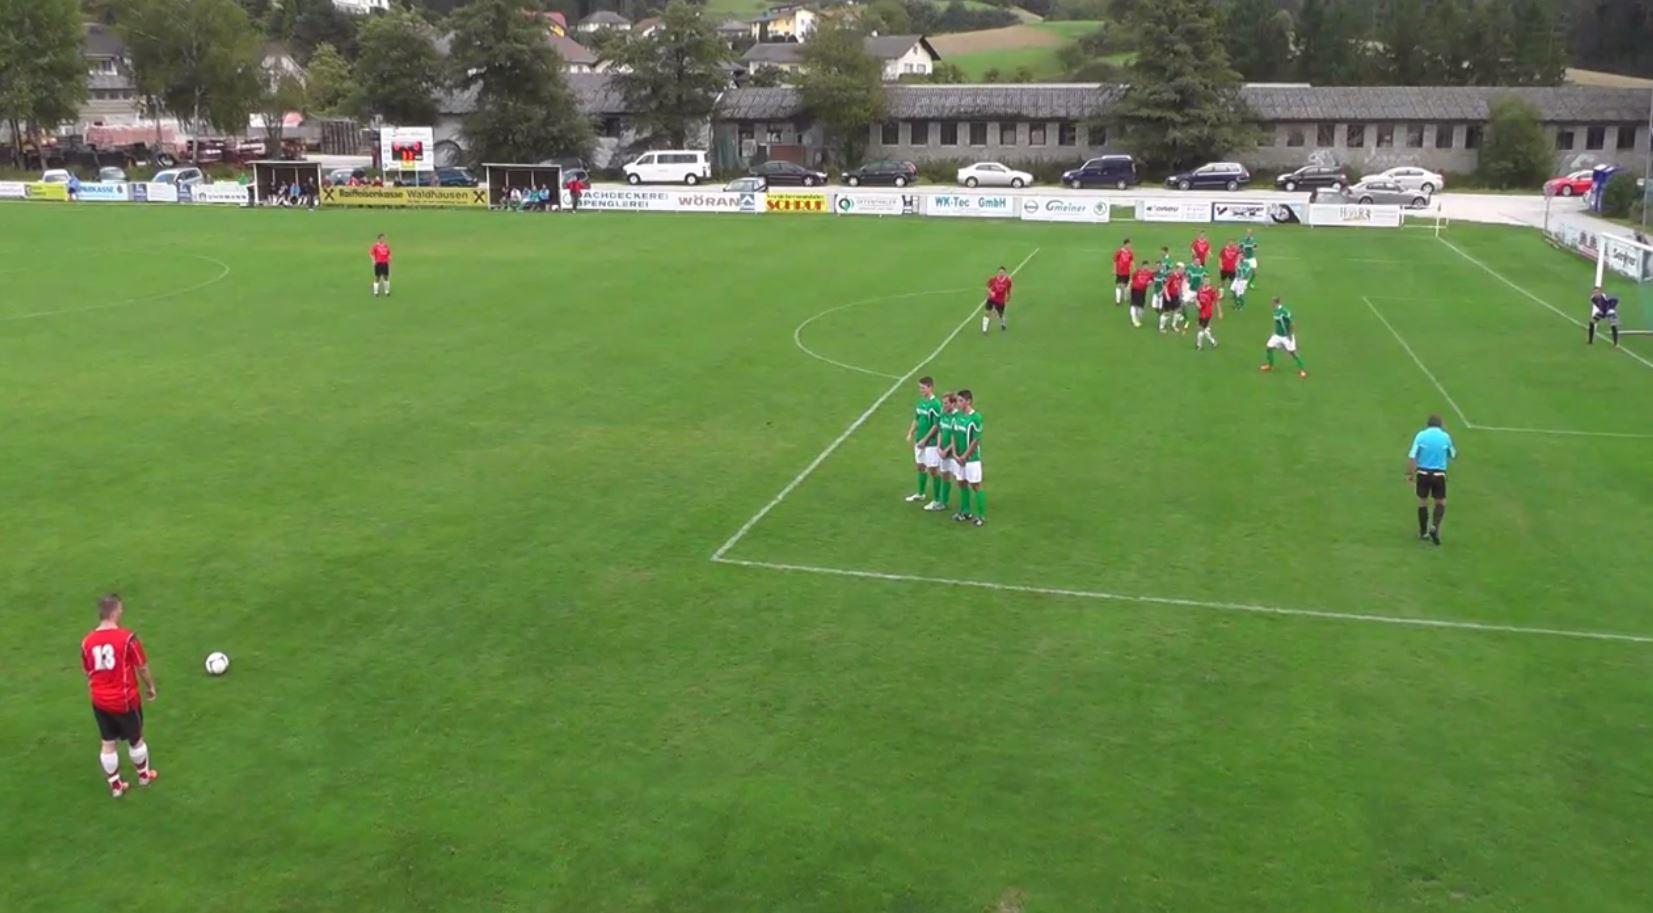 14.09.2013: SG Waldhausen/G. – SV Jauerling 0:1